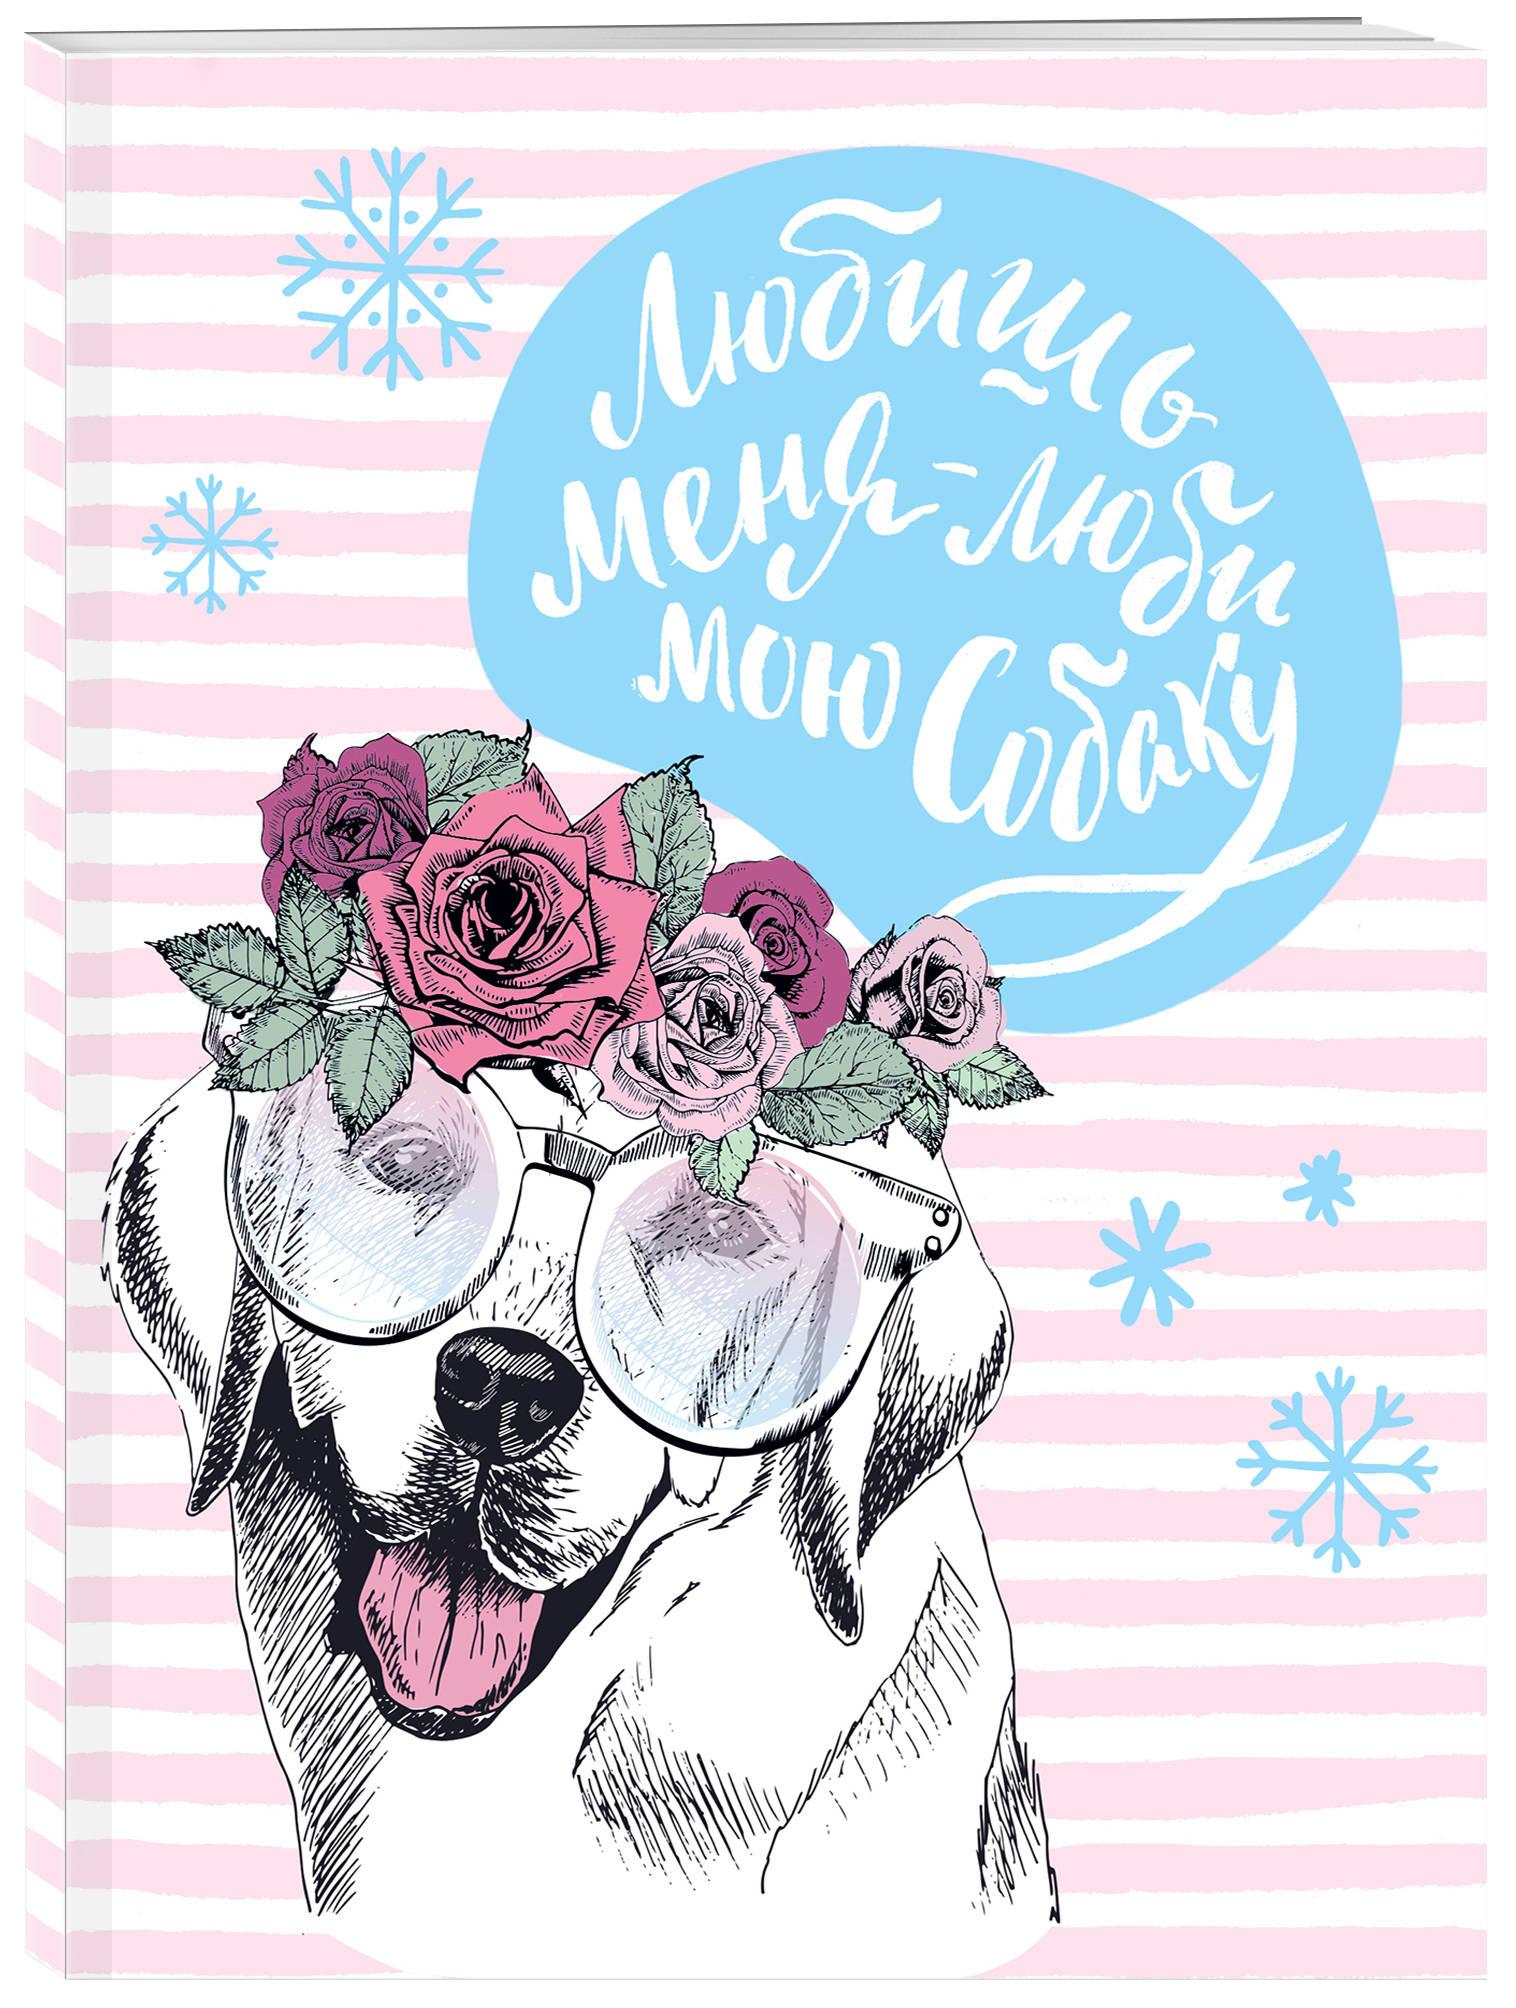 Блокнот. Собаки (Любишь меня - люби мою собаку) блокнот собаки бросай дела a5 64 стр